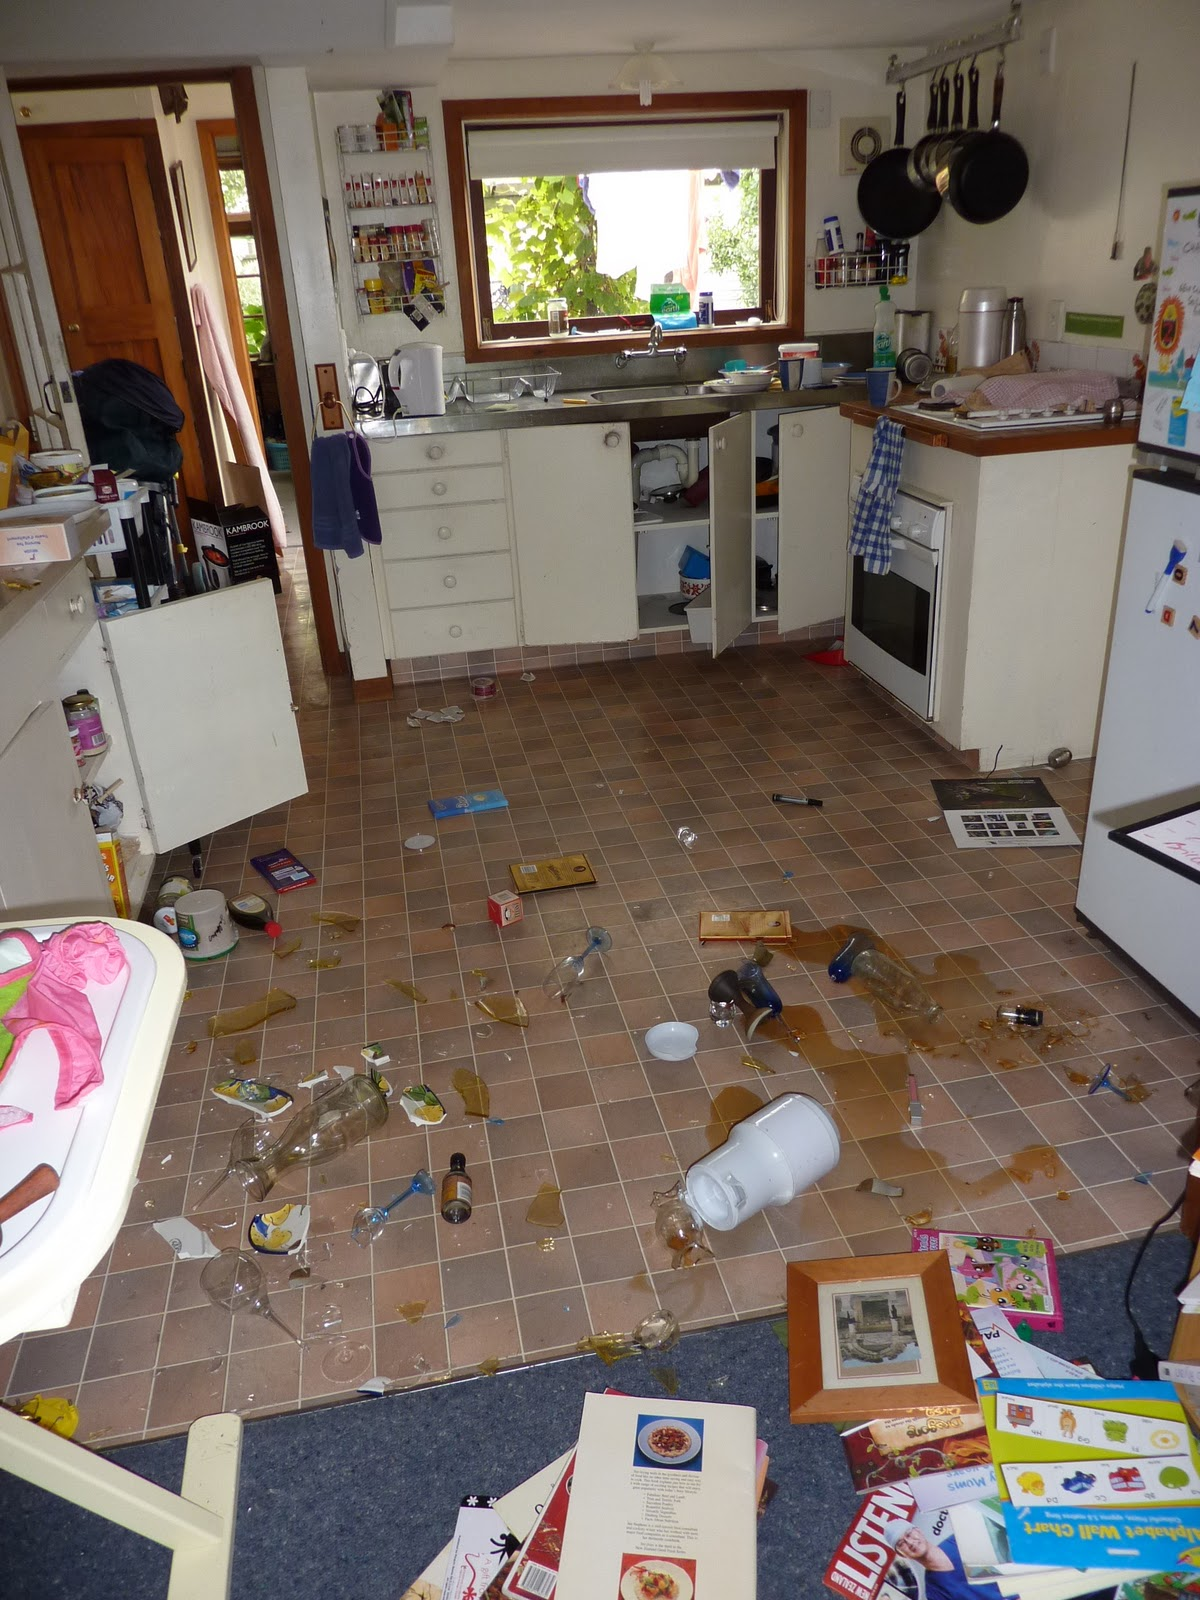 Ilustrasi dapur berantakan